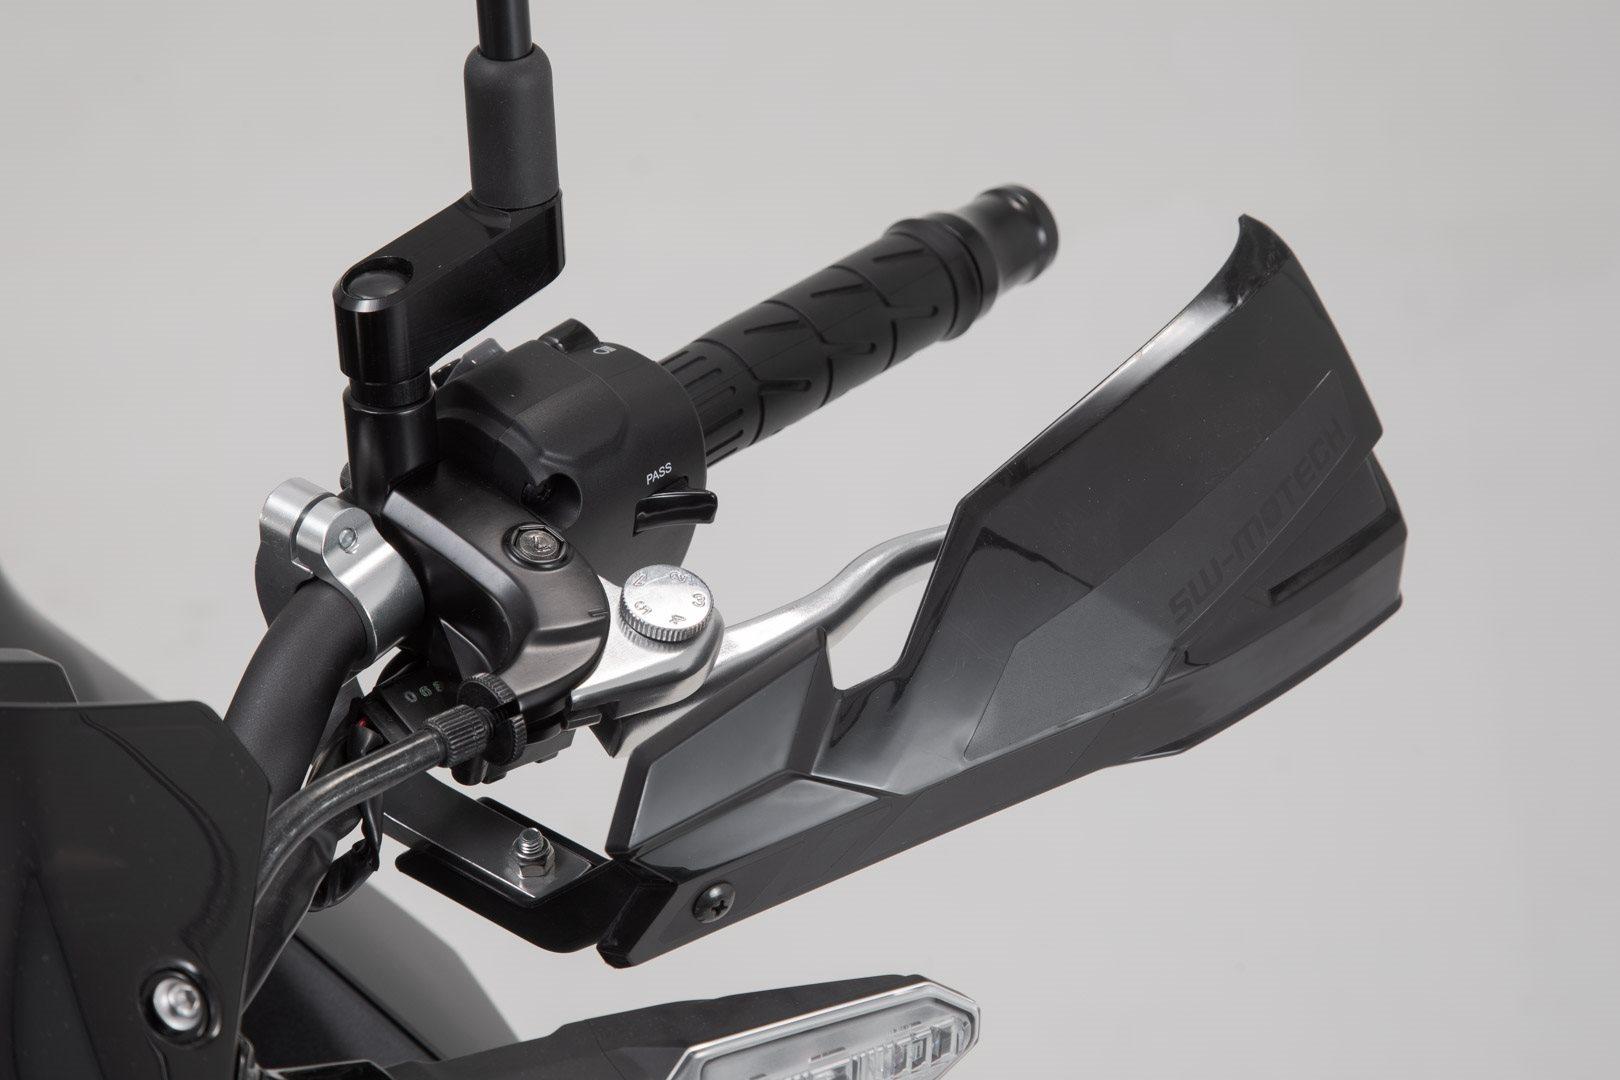 Montagematerial Schwarz Handschützer Schutz Handguards für 22mm Lenker inkl